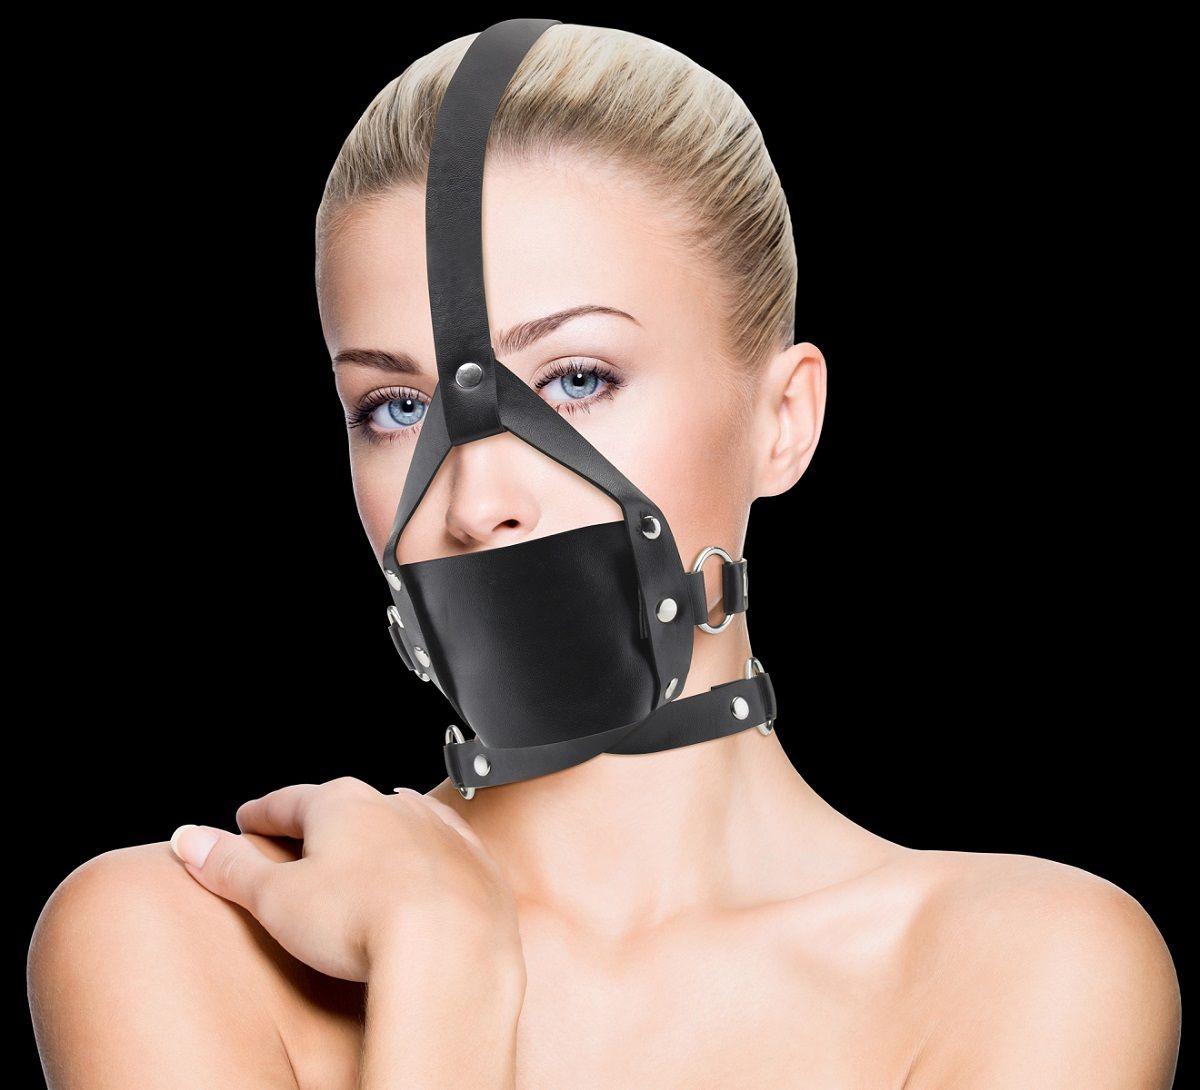 Чёрный кожаный кляп Leather Mouth Gag OU148BLK от Shots Media BV